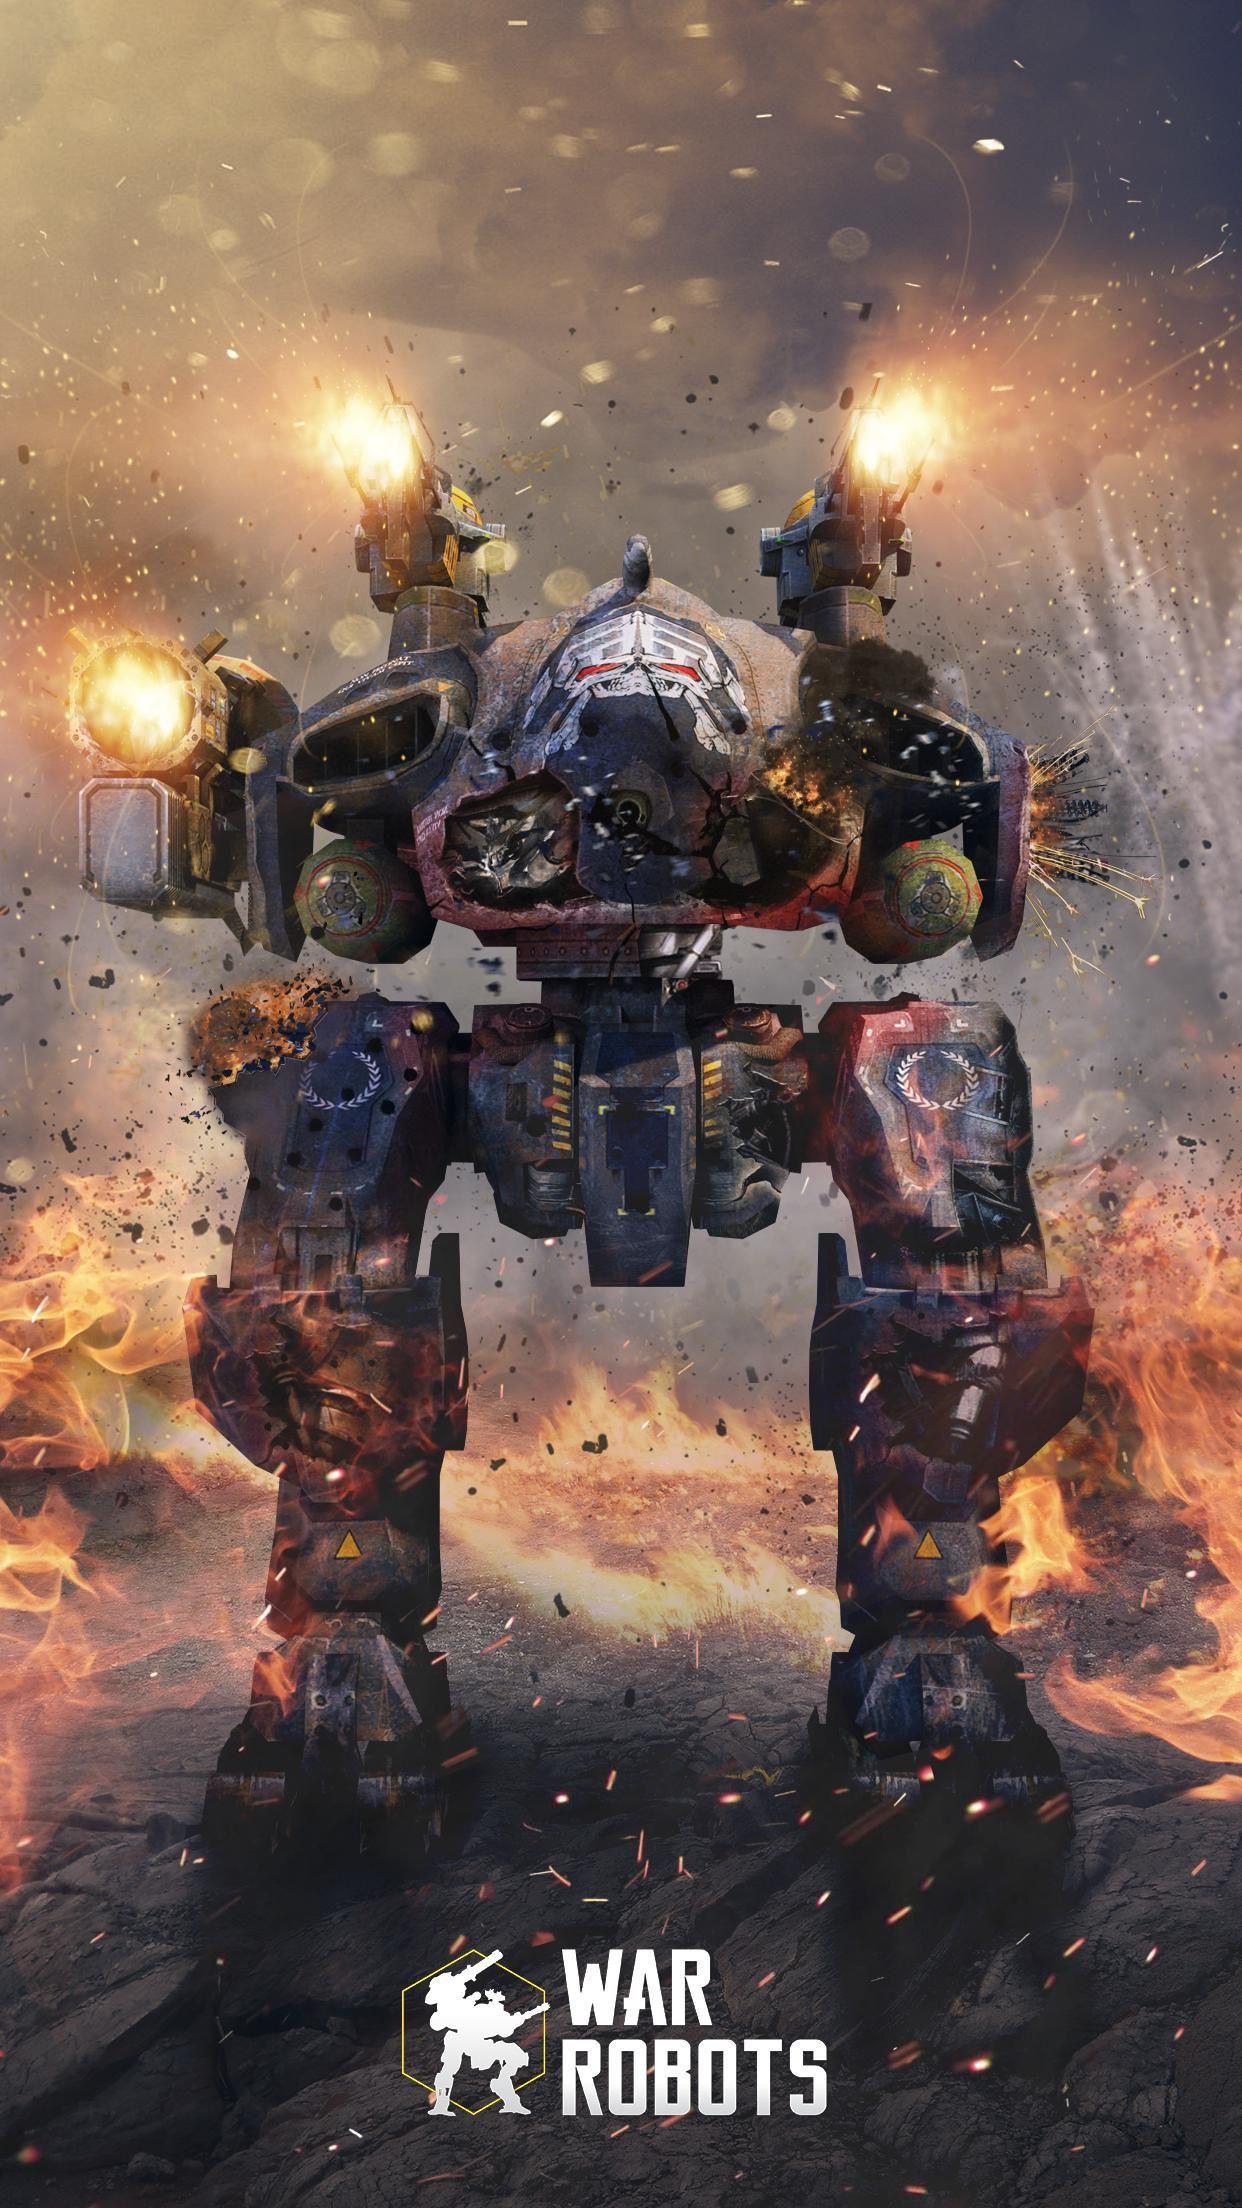 War Robot Picture Wallpaper 1080p HD